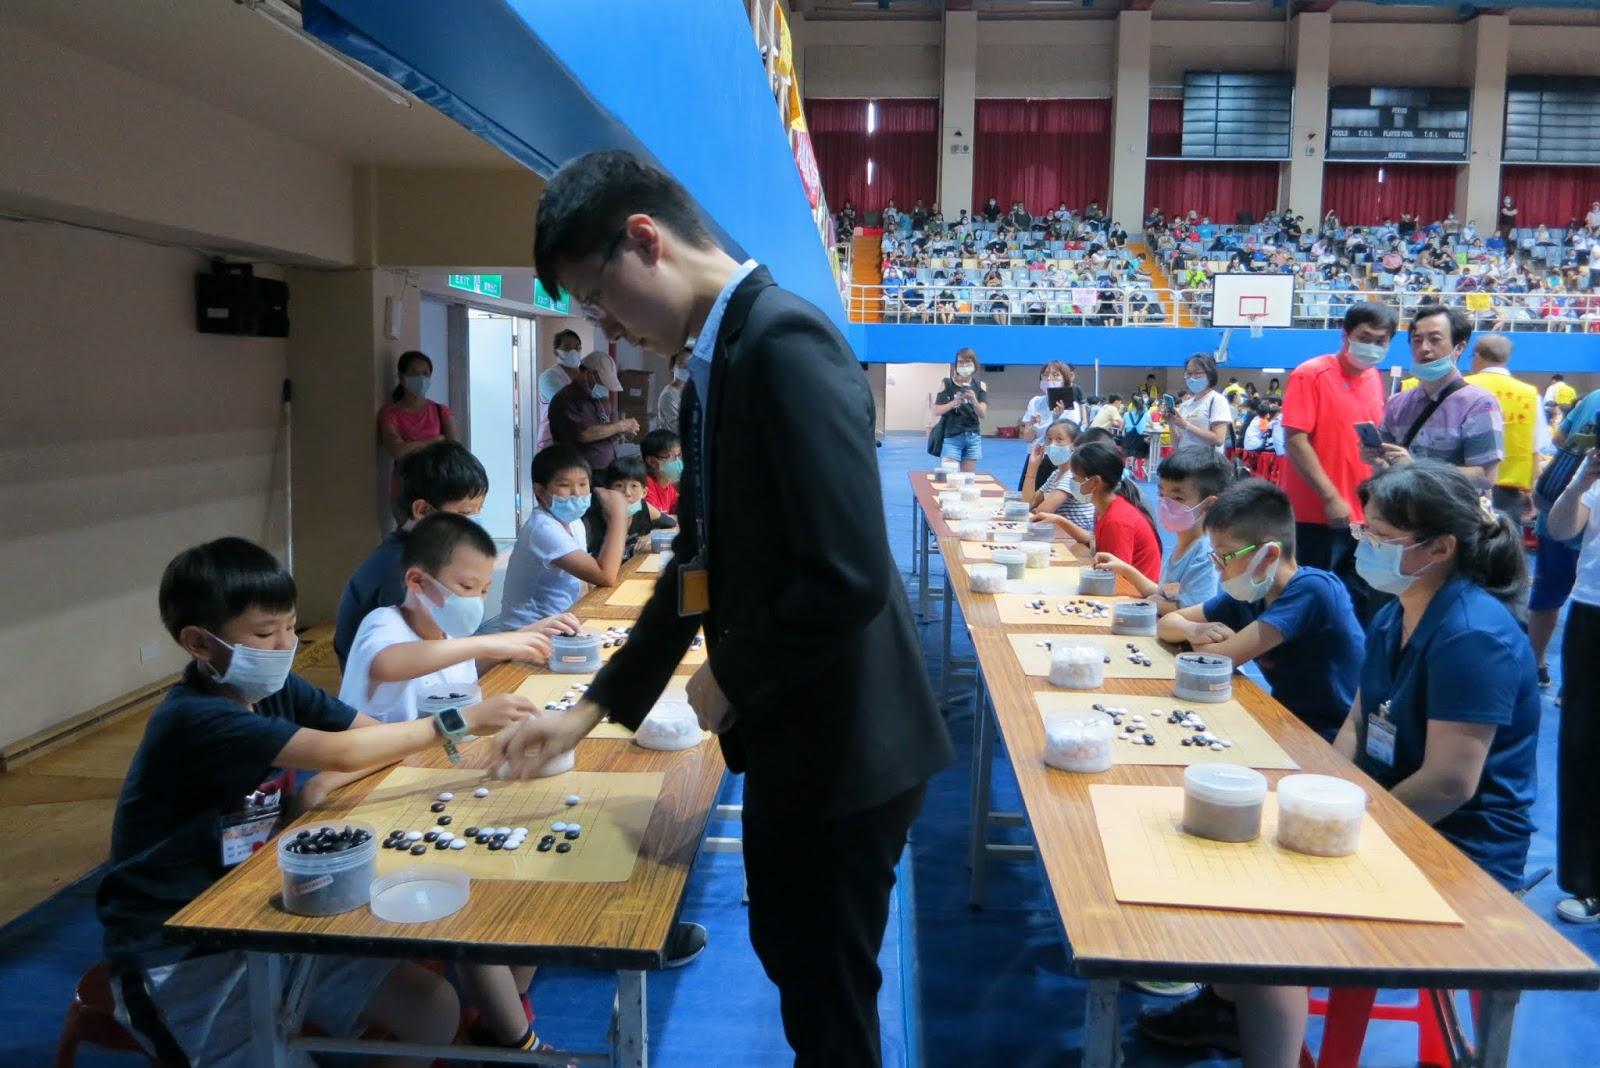 翔之圍棋: 2020年7月19日樹林棋藝盃圍棋公開賽 洪國翔 六段組奪冠 升七段